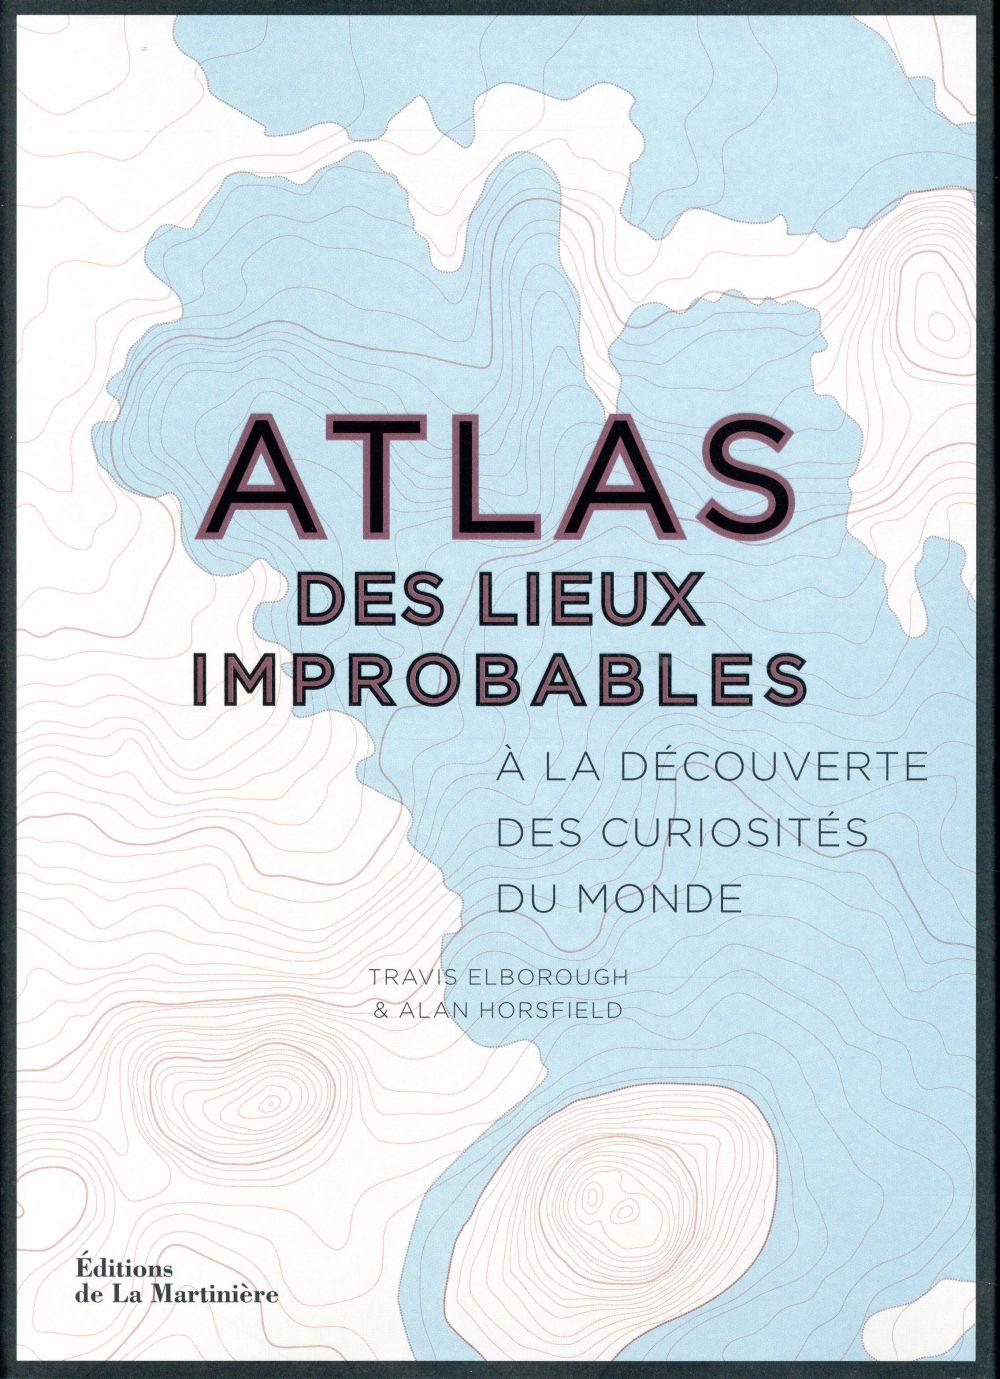 ATLAS DES LIEUX IMPROBABLES  -  A LA DECOUVERTE DES CURIOSITES DU MONDE